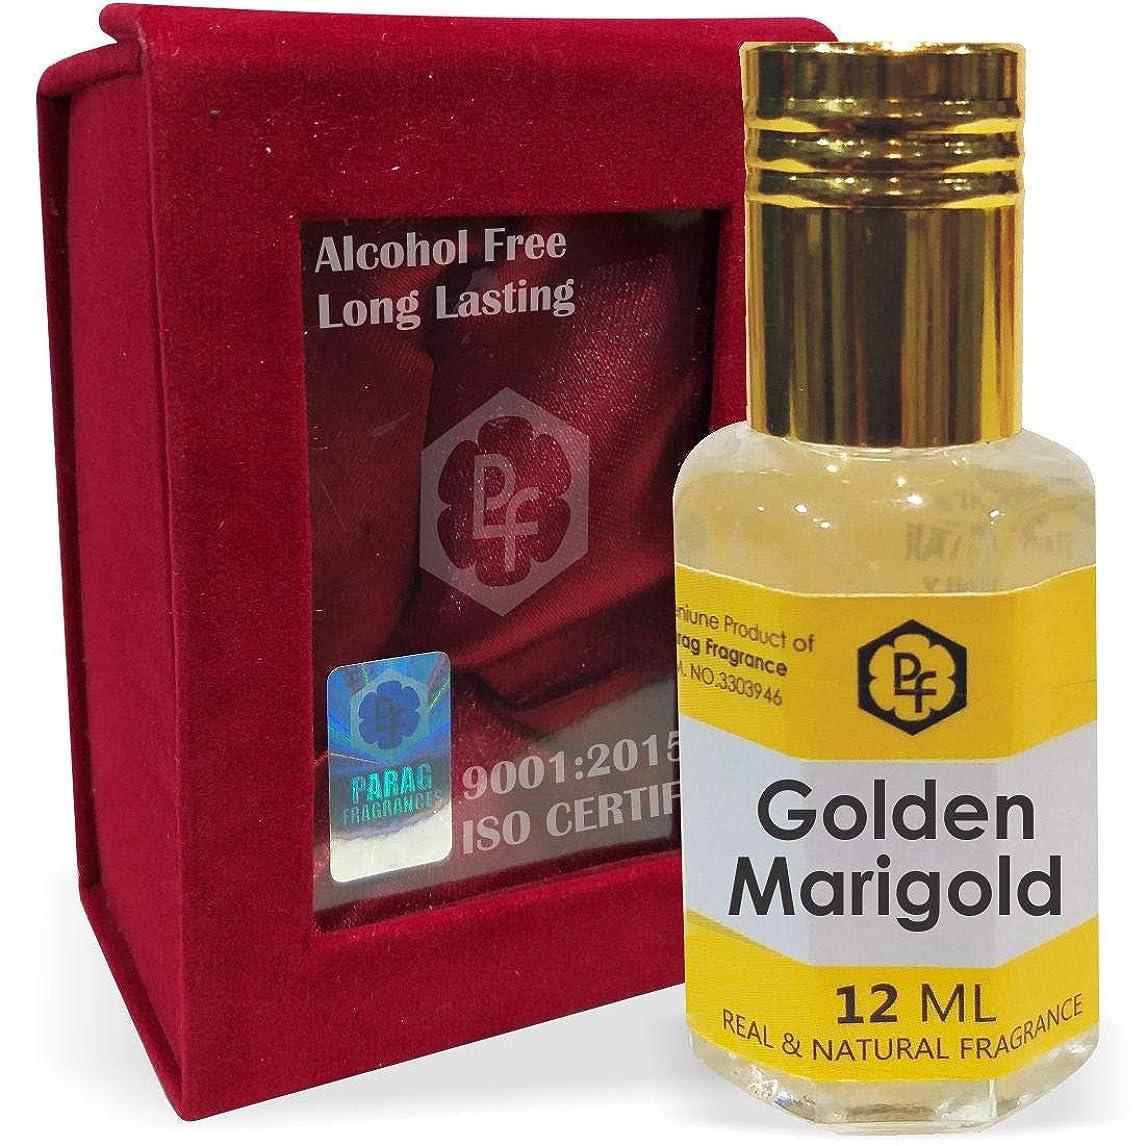 詩森アグネスグレイ手作りのベルベットボックスParagフレグランスゴールデンマリーゴールド12ミリリットル(インドの伝統的なインドのBhapkaプロセス方法製)アター/香油/フレグランスオイル|長持ちアターITRA最高の品質